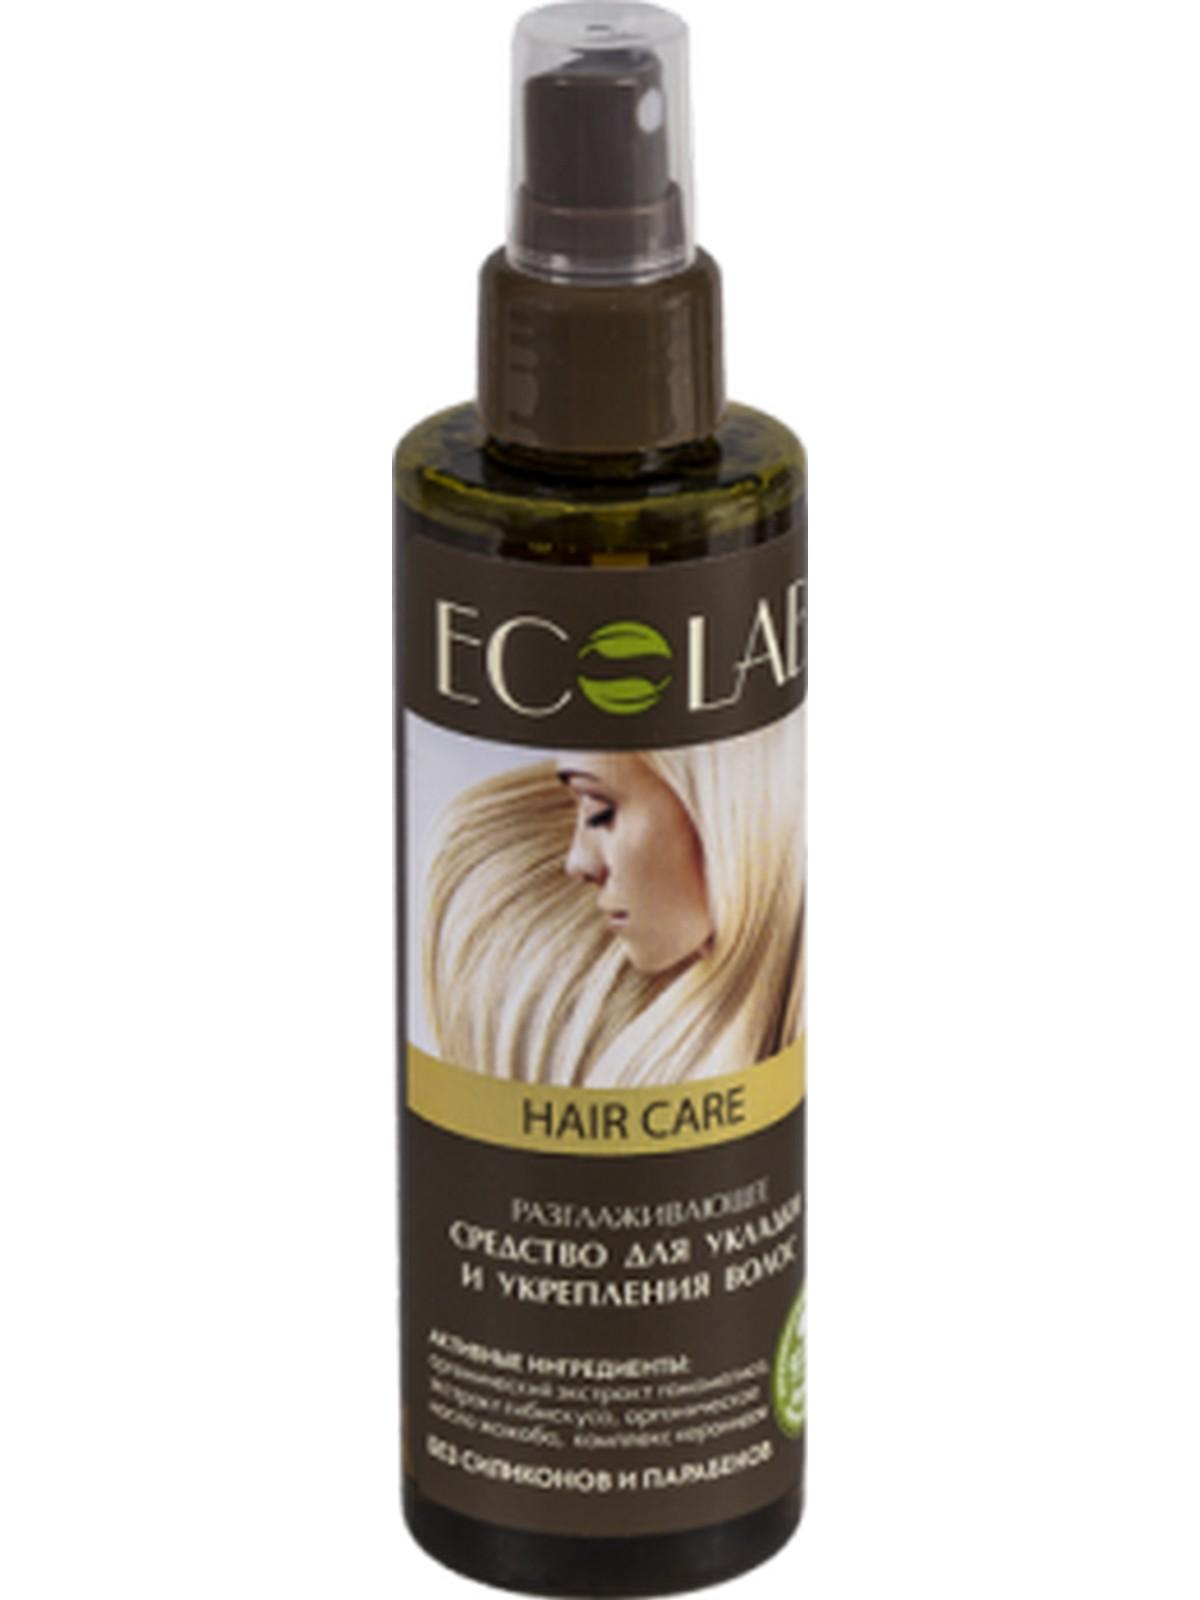 Отзывы о средствах для укладки волос